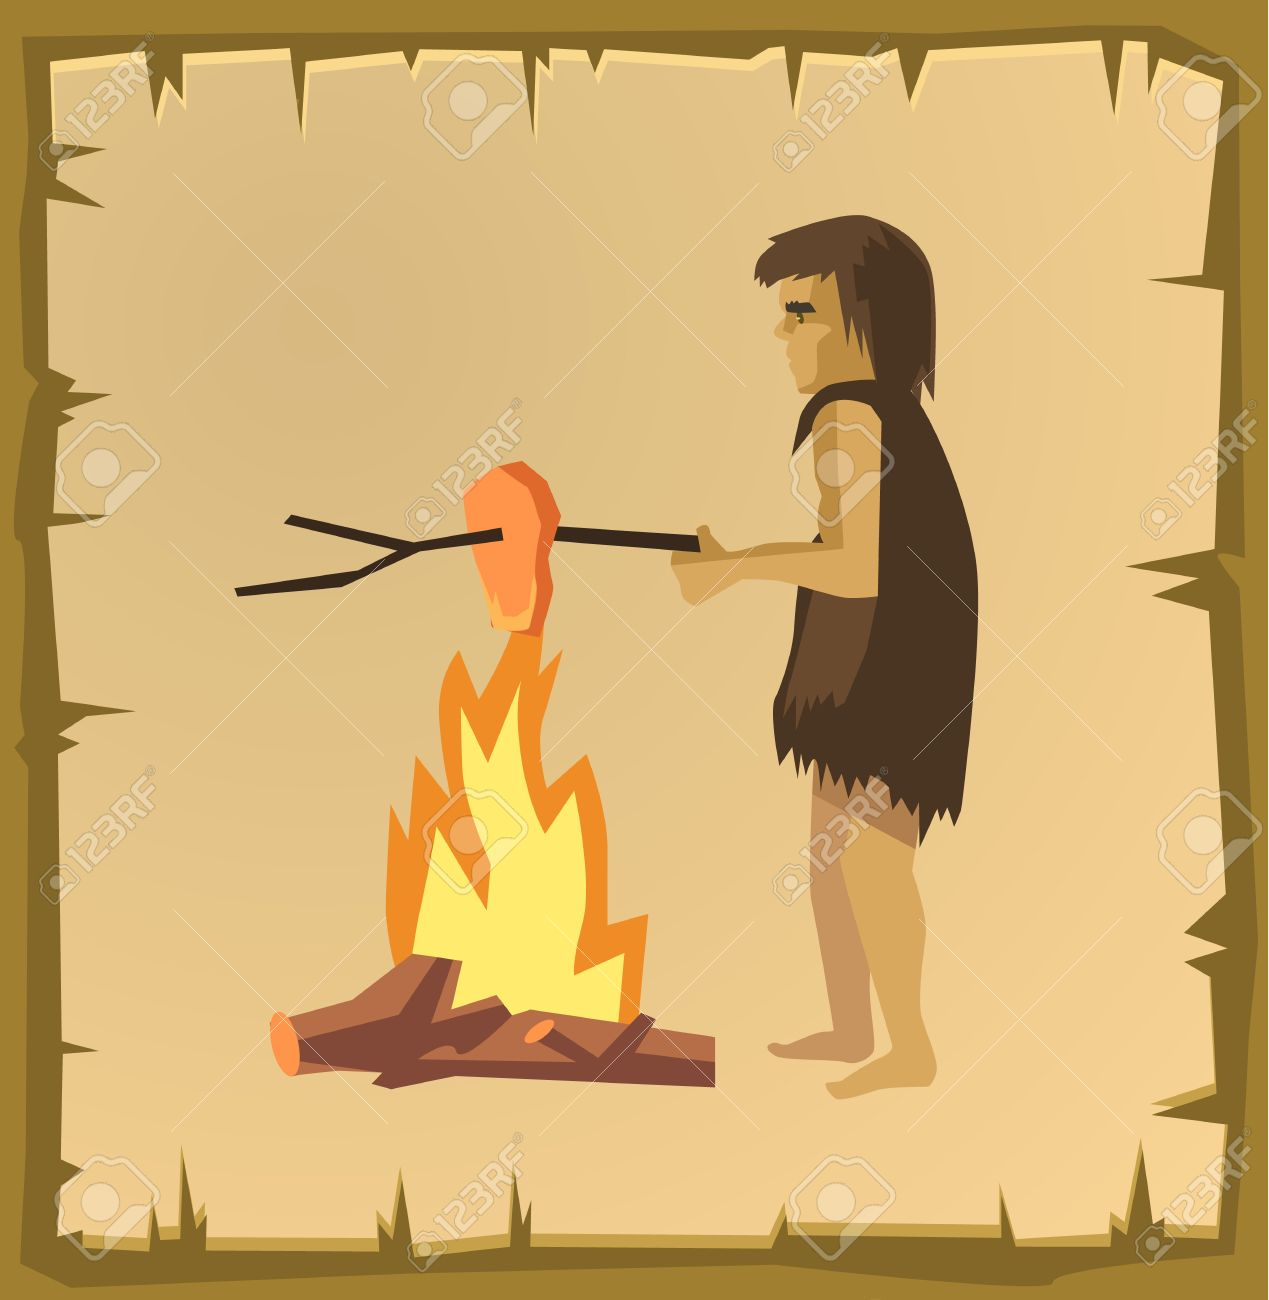 Hombre De Las Cavernas De Cocción Vector Ilustración De Dibujos Animados Plana